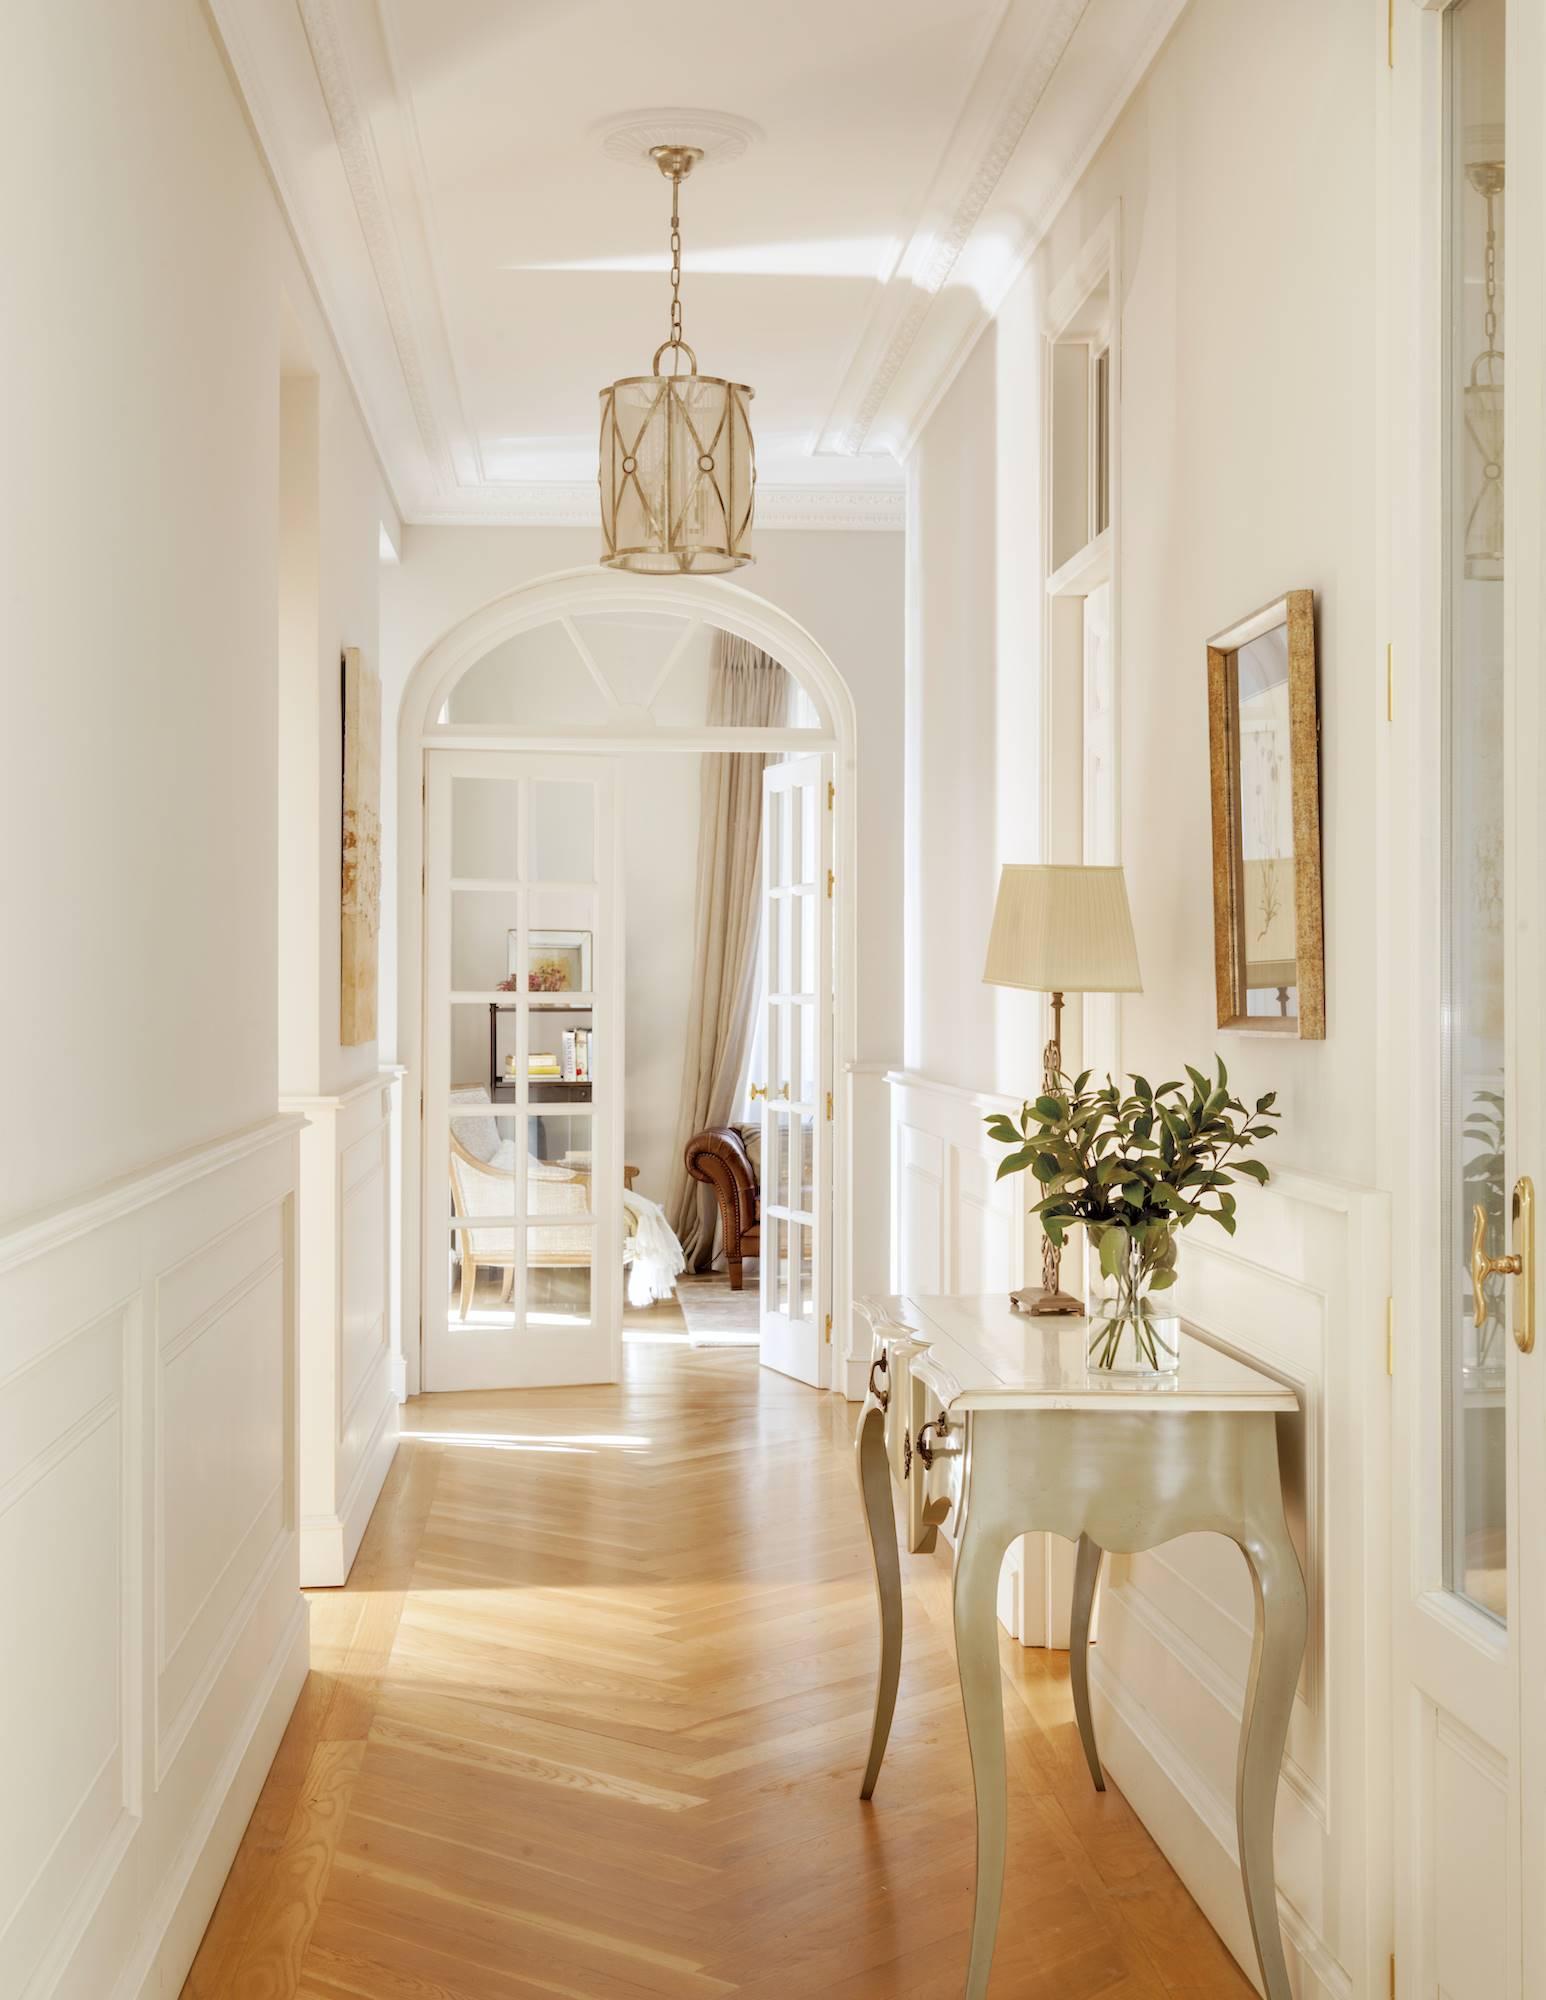 25 pasillos muy bien aprovechados - Como decorar un pasillo estrecho ...